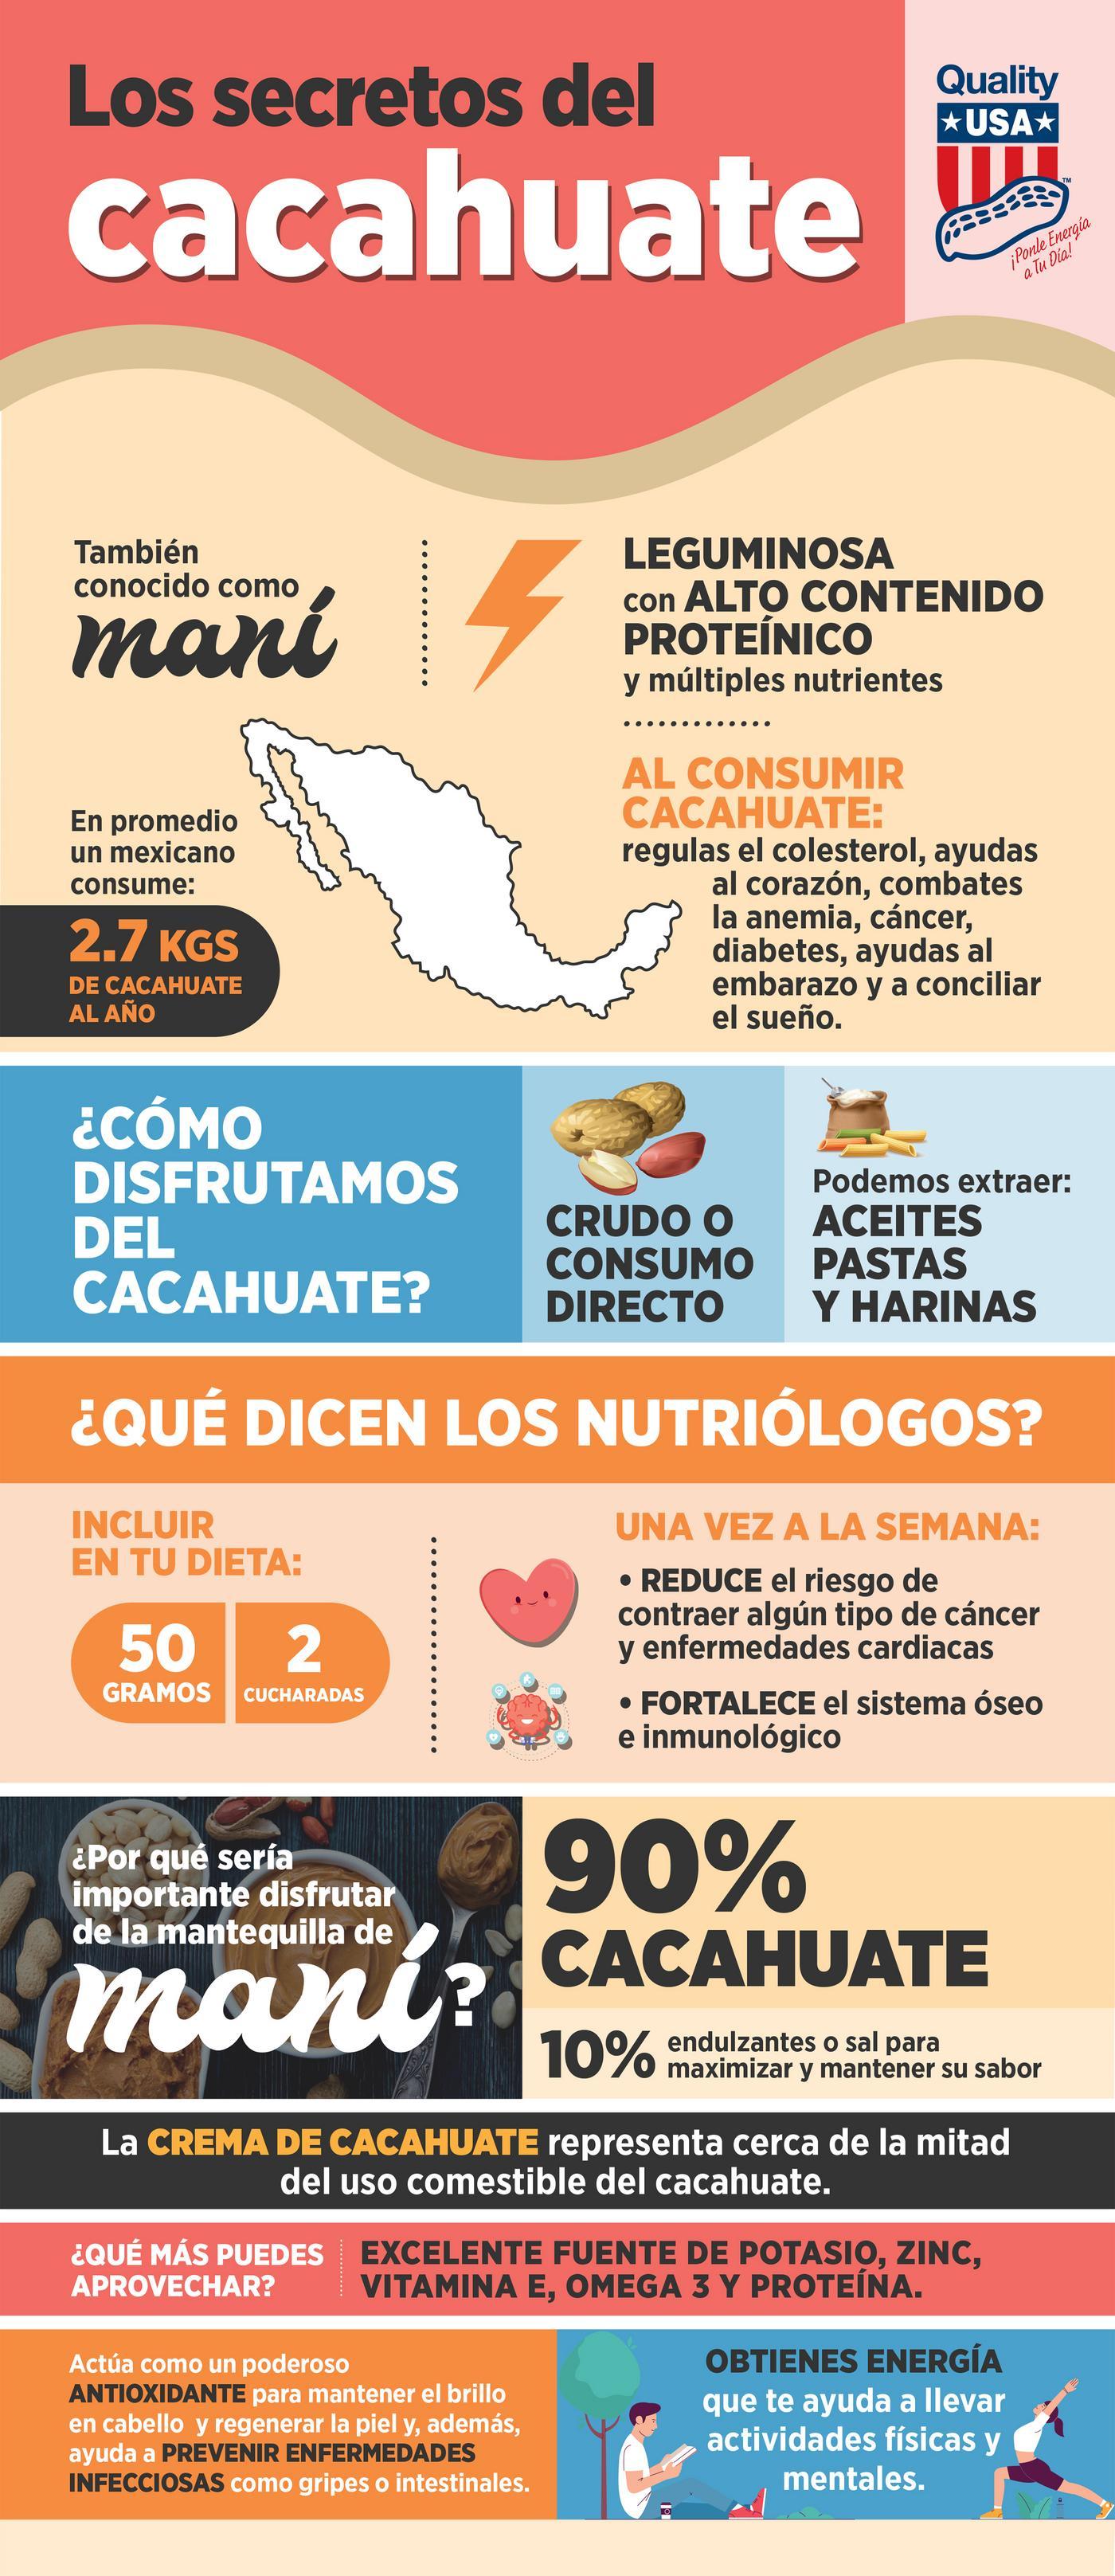 Los secretos del cacahuate qué debes conocer